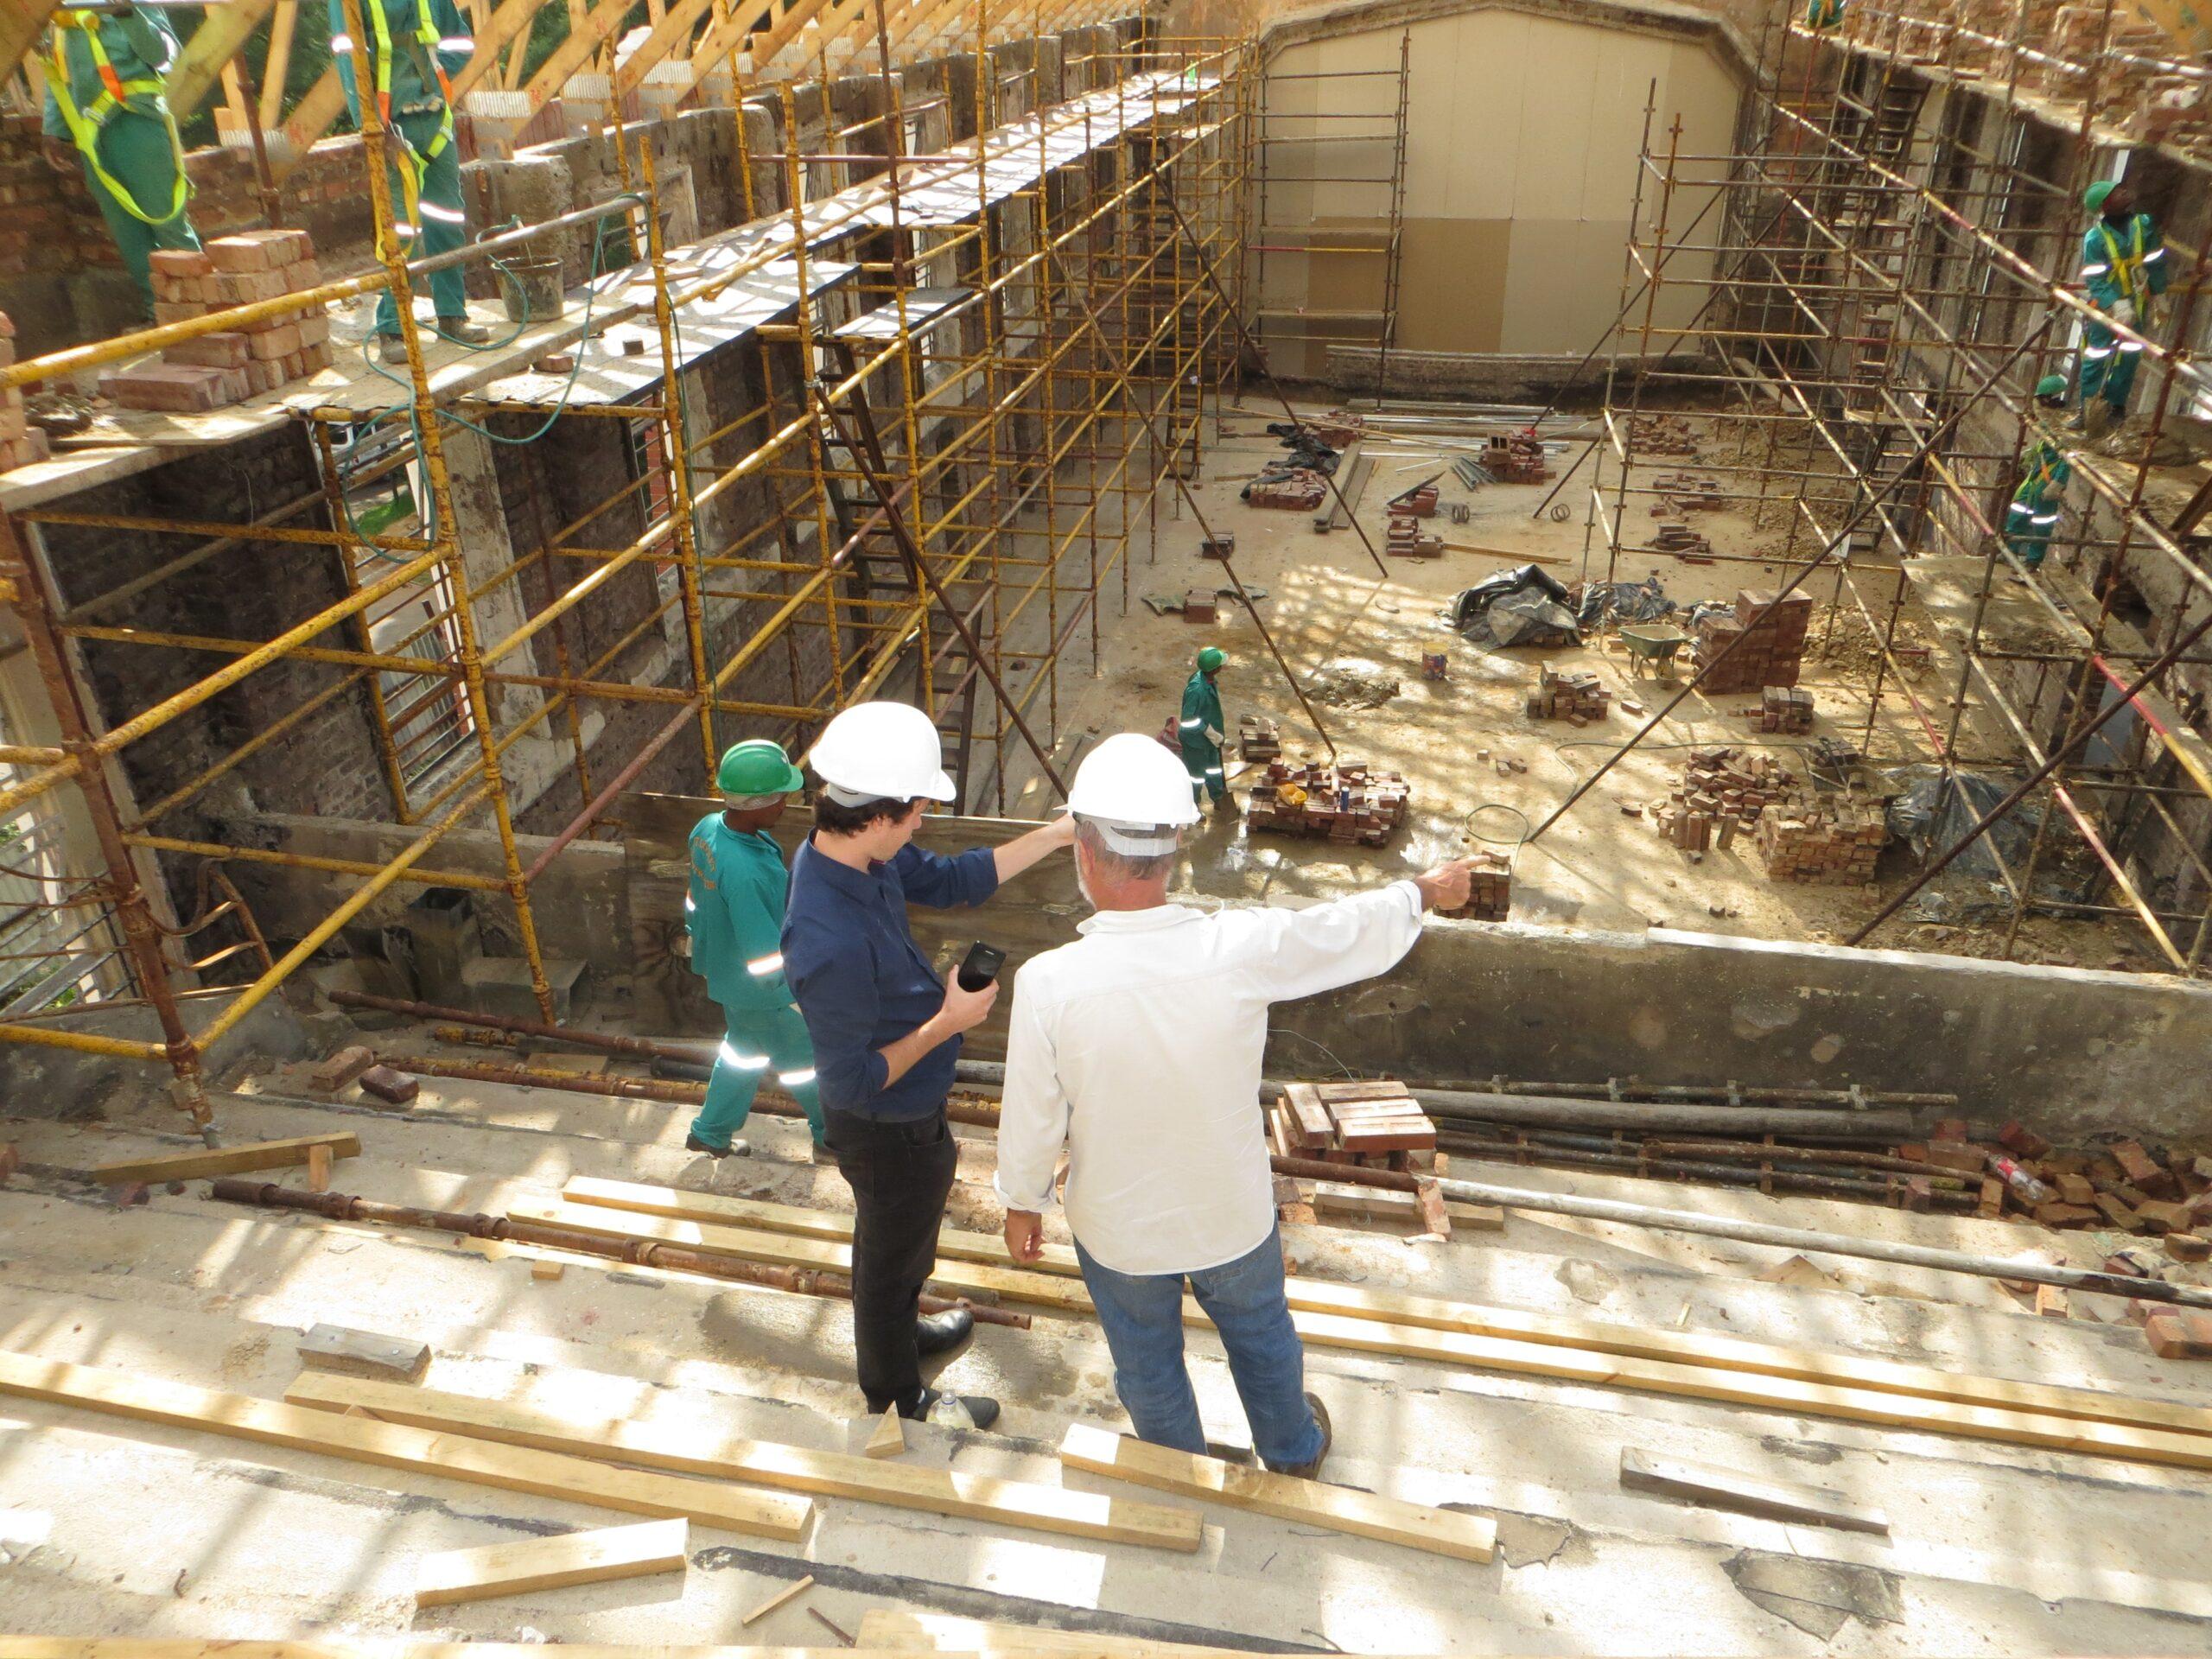 建設分野における技能実習から特定技能への移行職種について